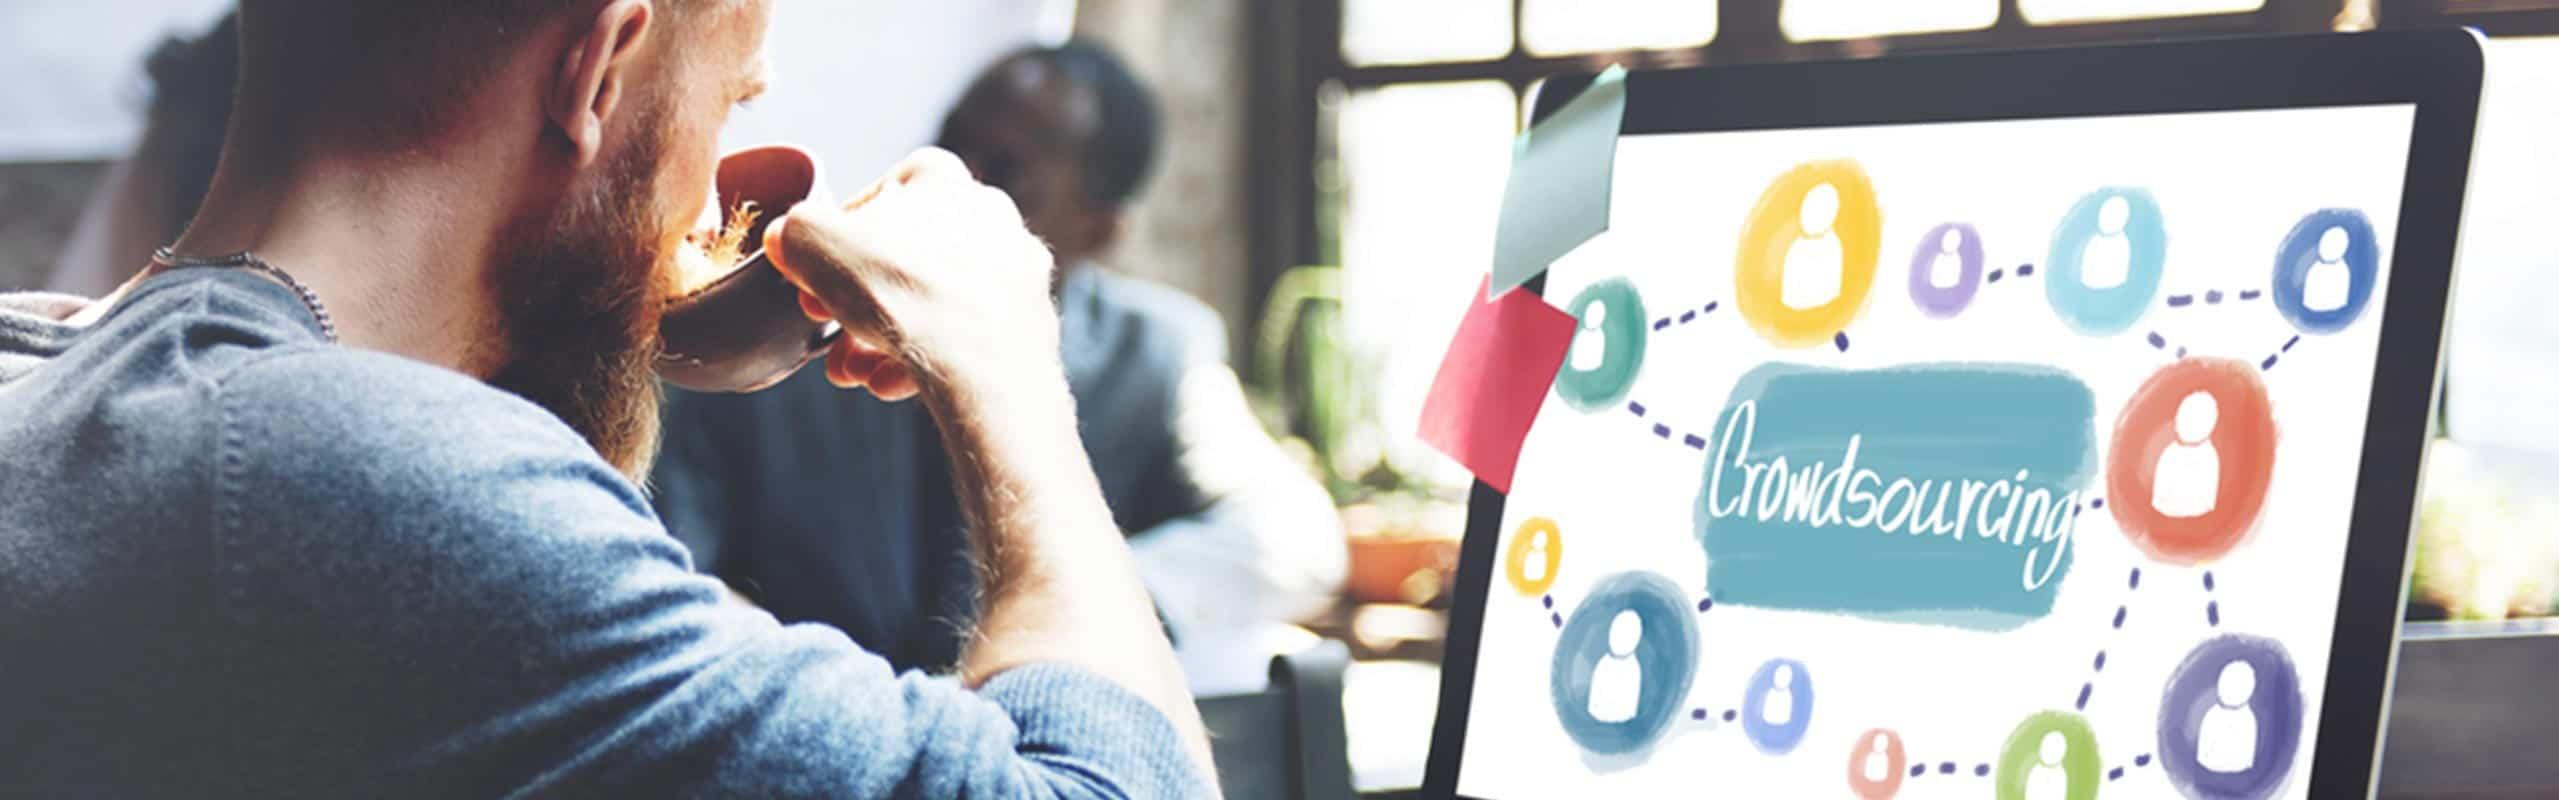 descubre el crowdsourcing y su importancia en el negocio colaborativo